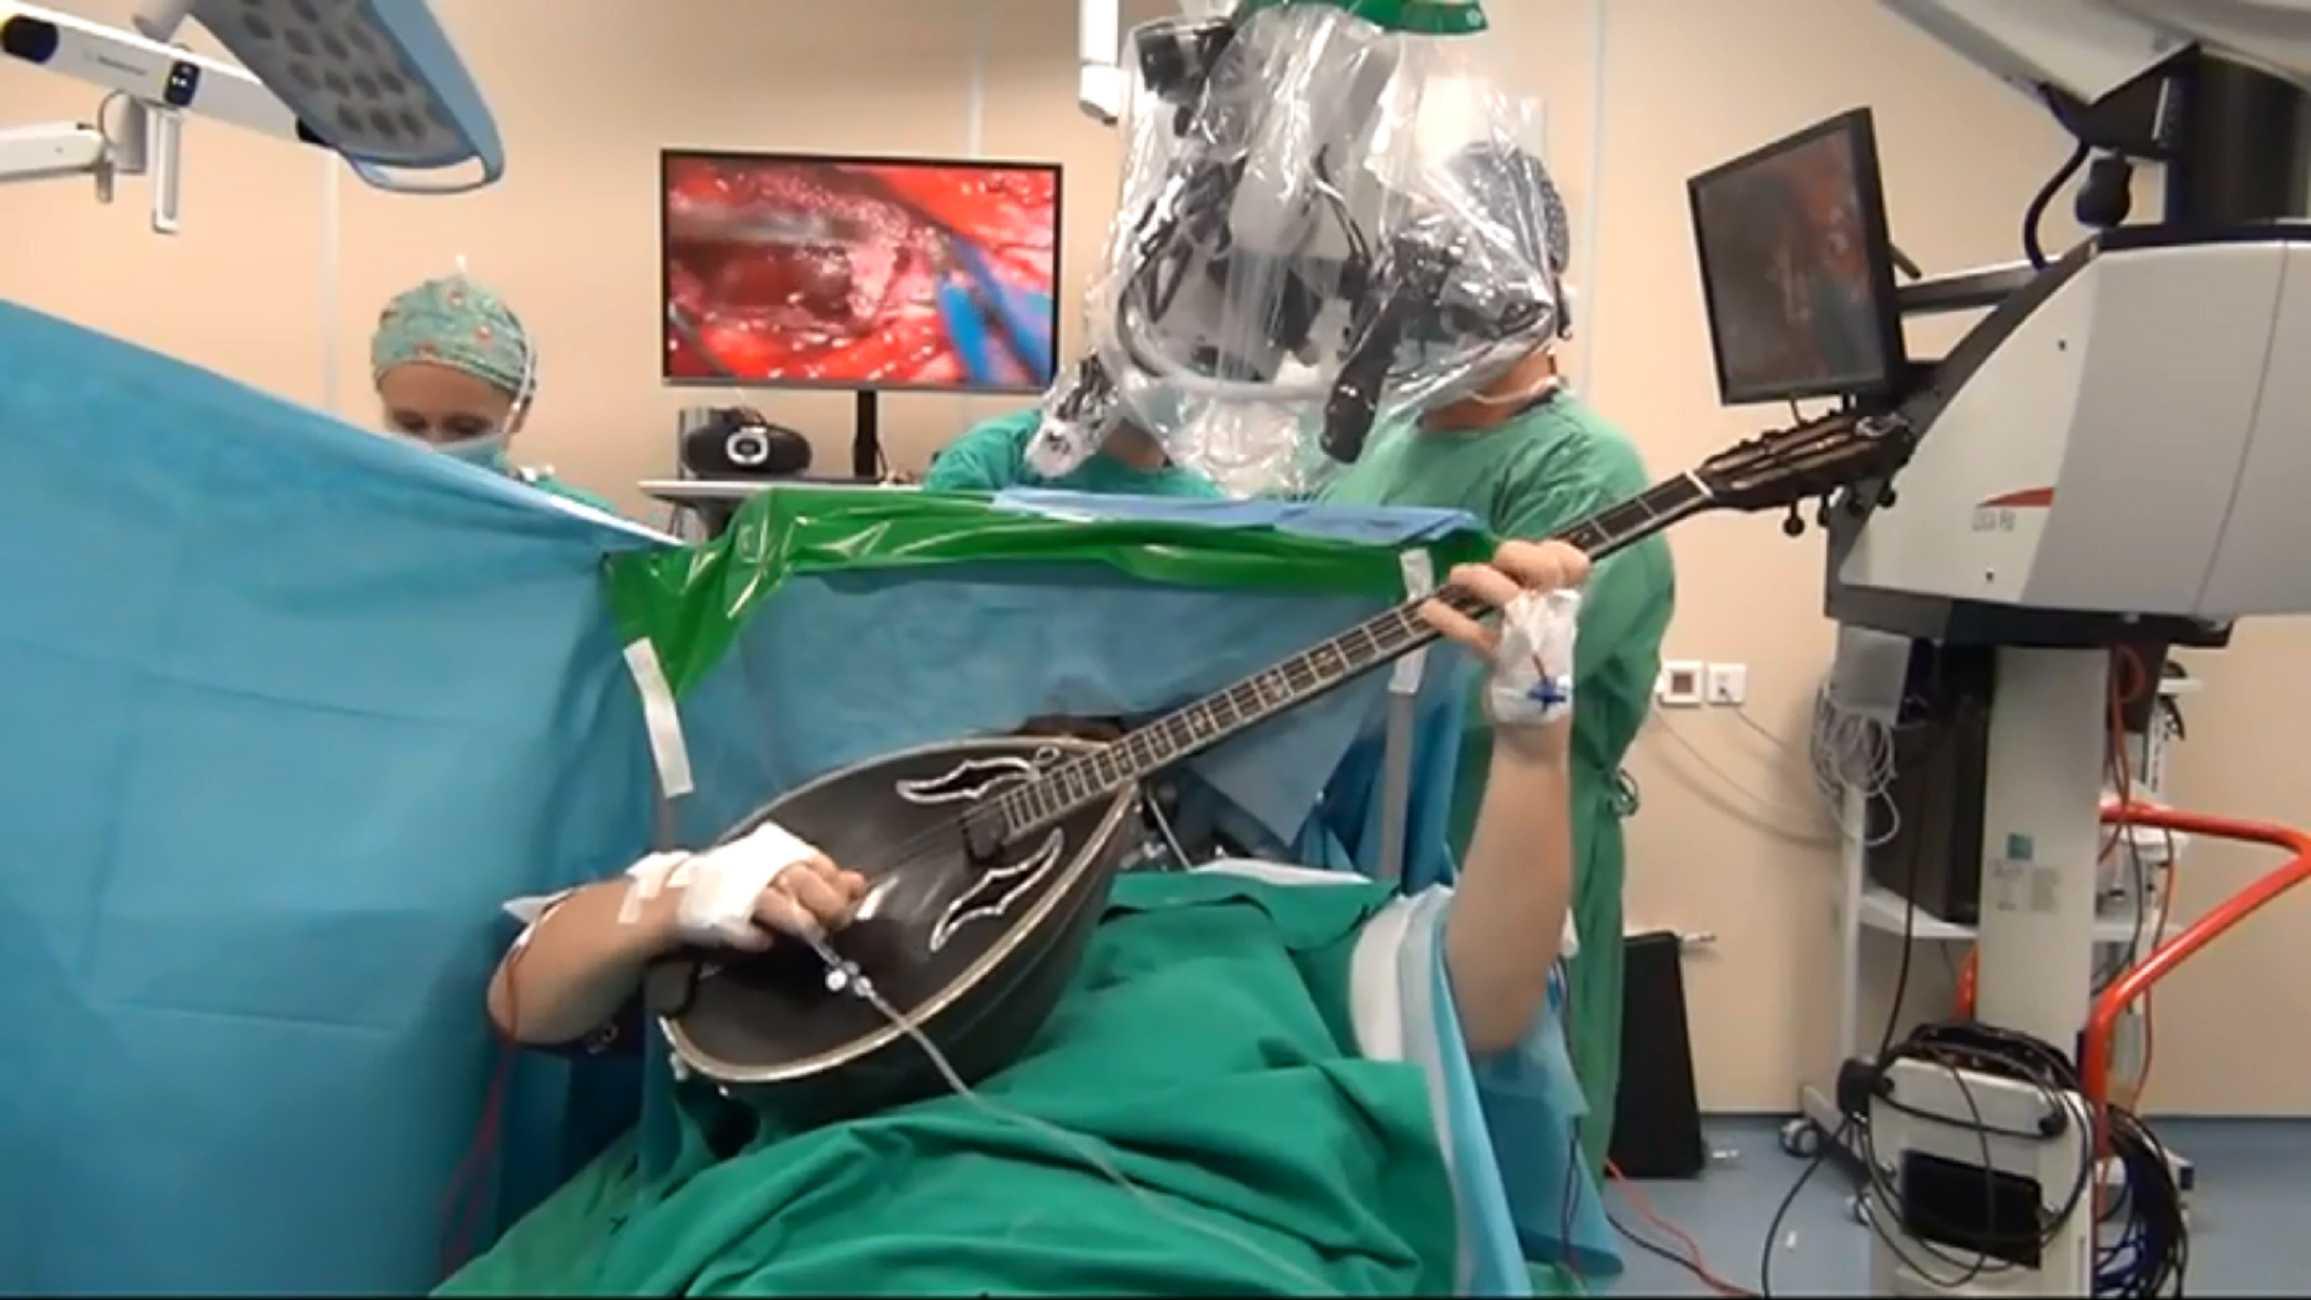 Θεσσαλονίκη: Έπαιζε μπουζούκι την ώρα που έκανε εγχείρηση στο κεφάλι για αφαίρεση όγκου